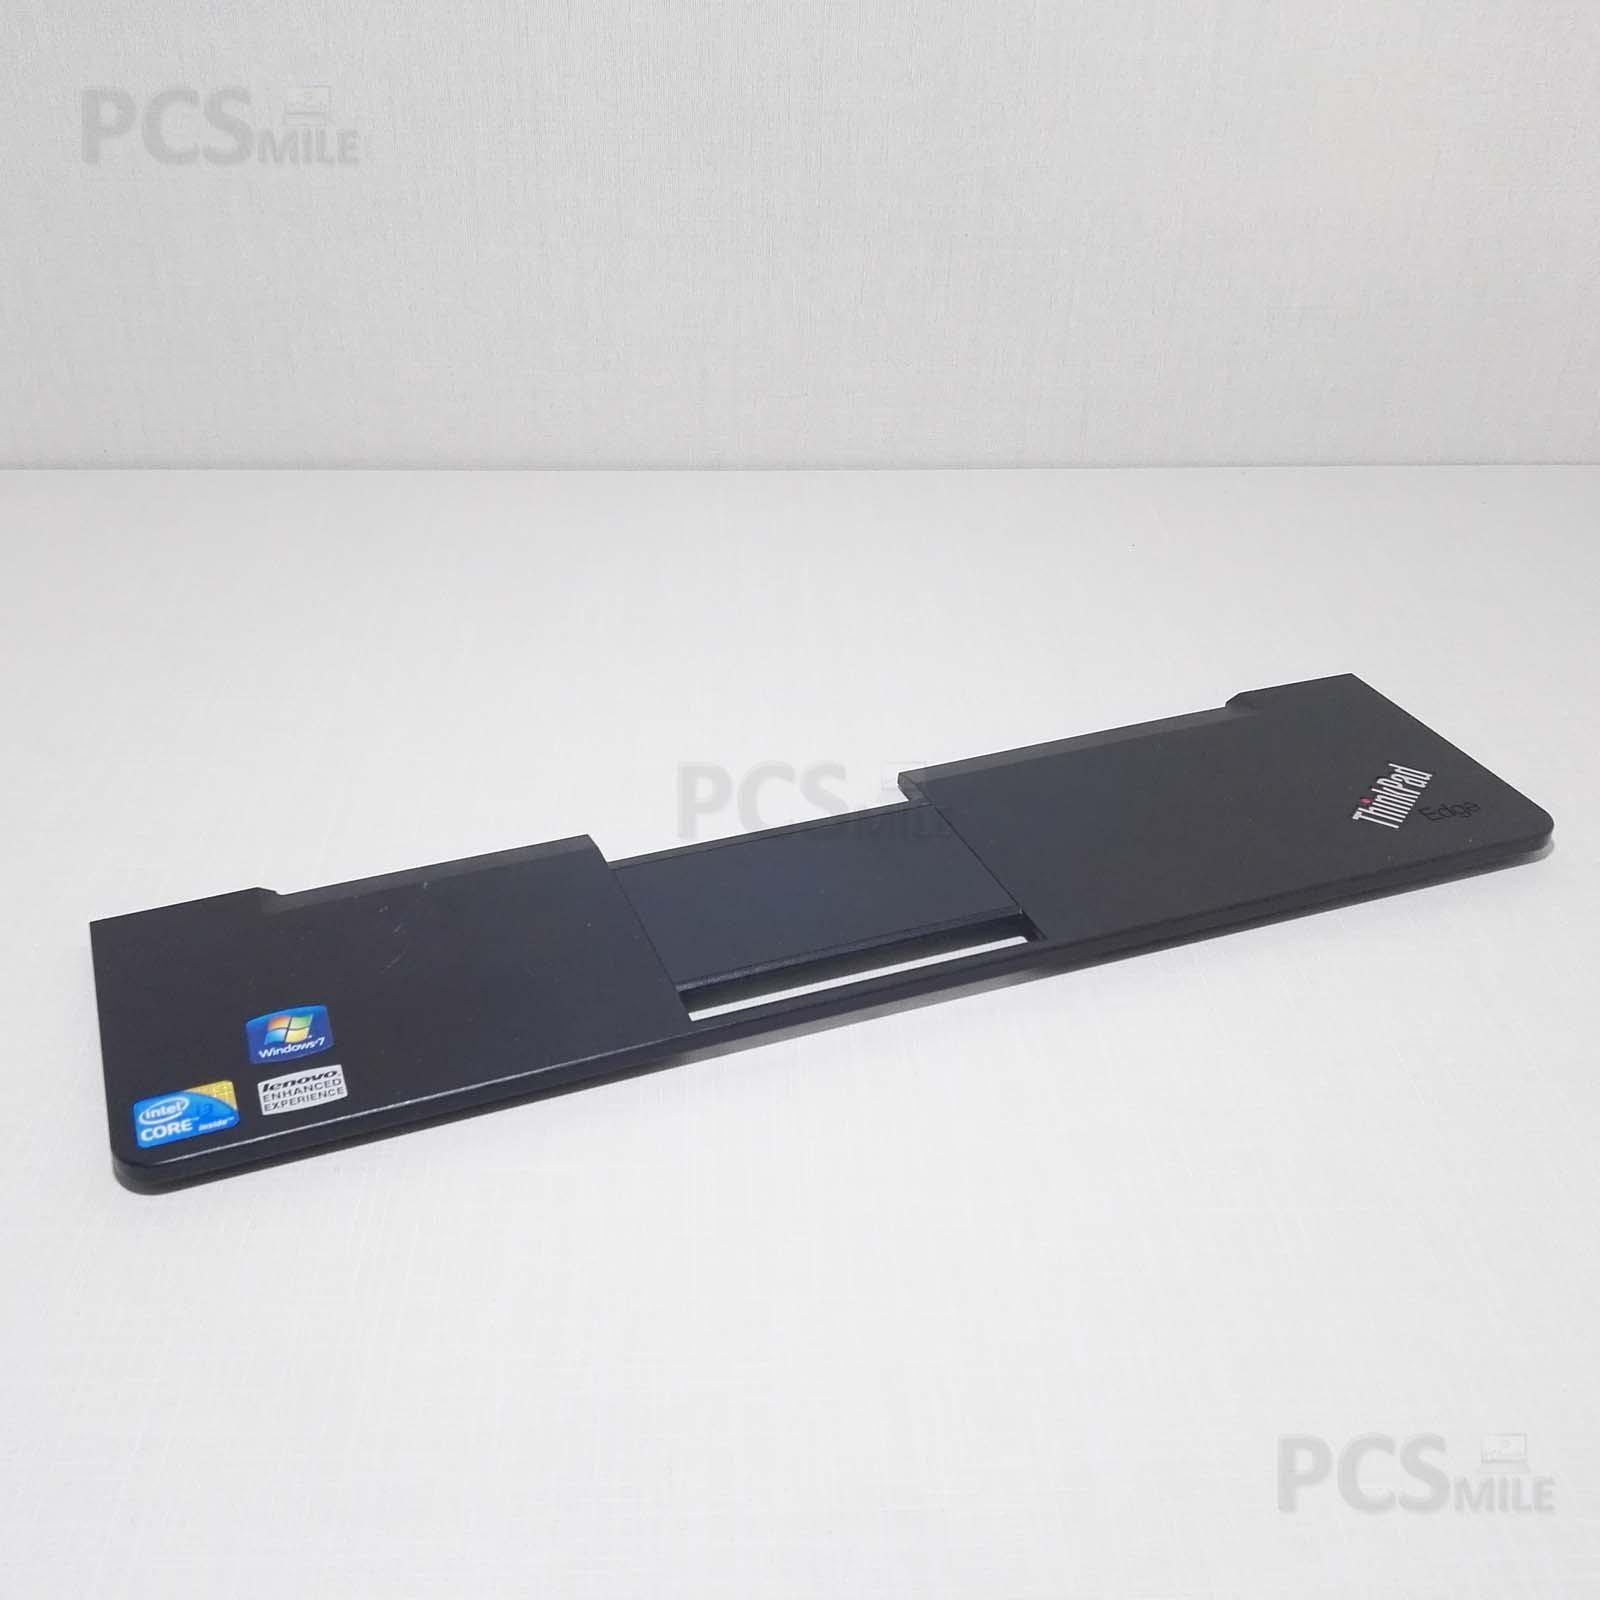 Poggia polsi Lenovo ThinkPad Edge 15 3EGC6PALV40 Touchpad TM1467 920-001603_02